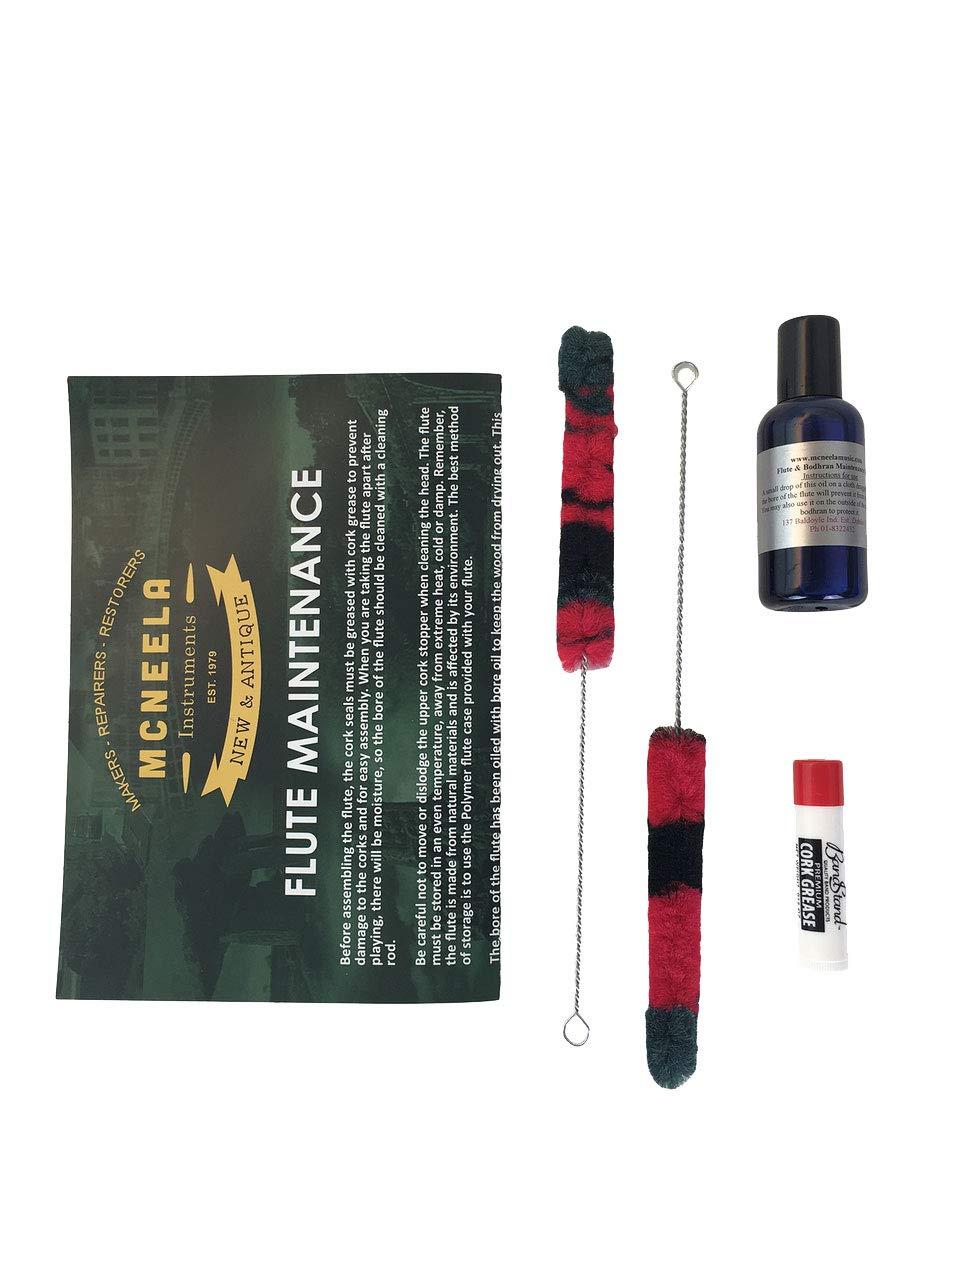 McNeela Flute Whistle Maintenance Kit by McNeela